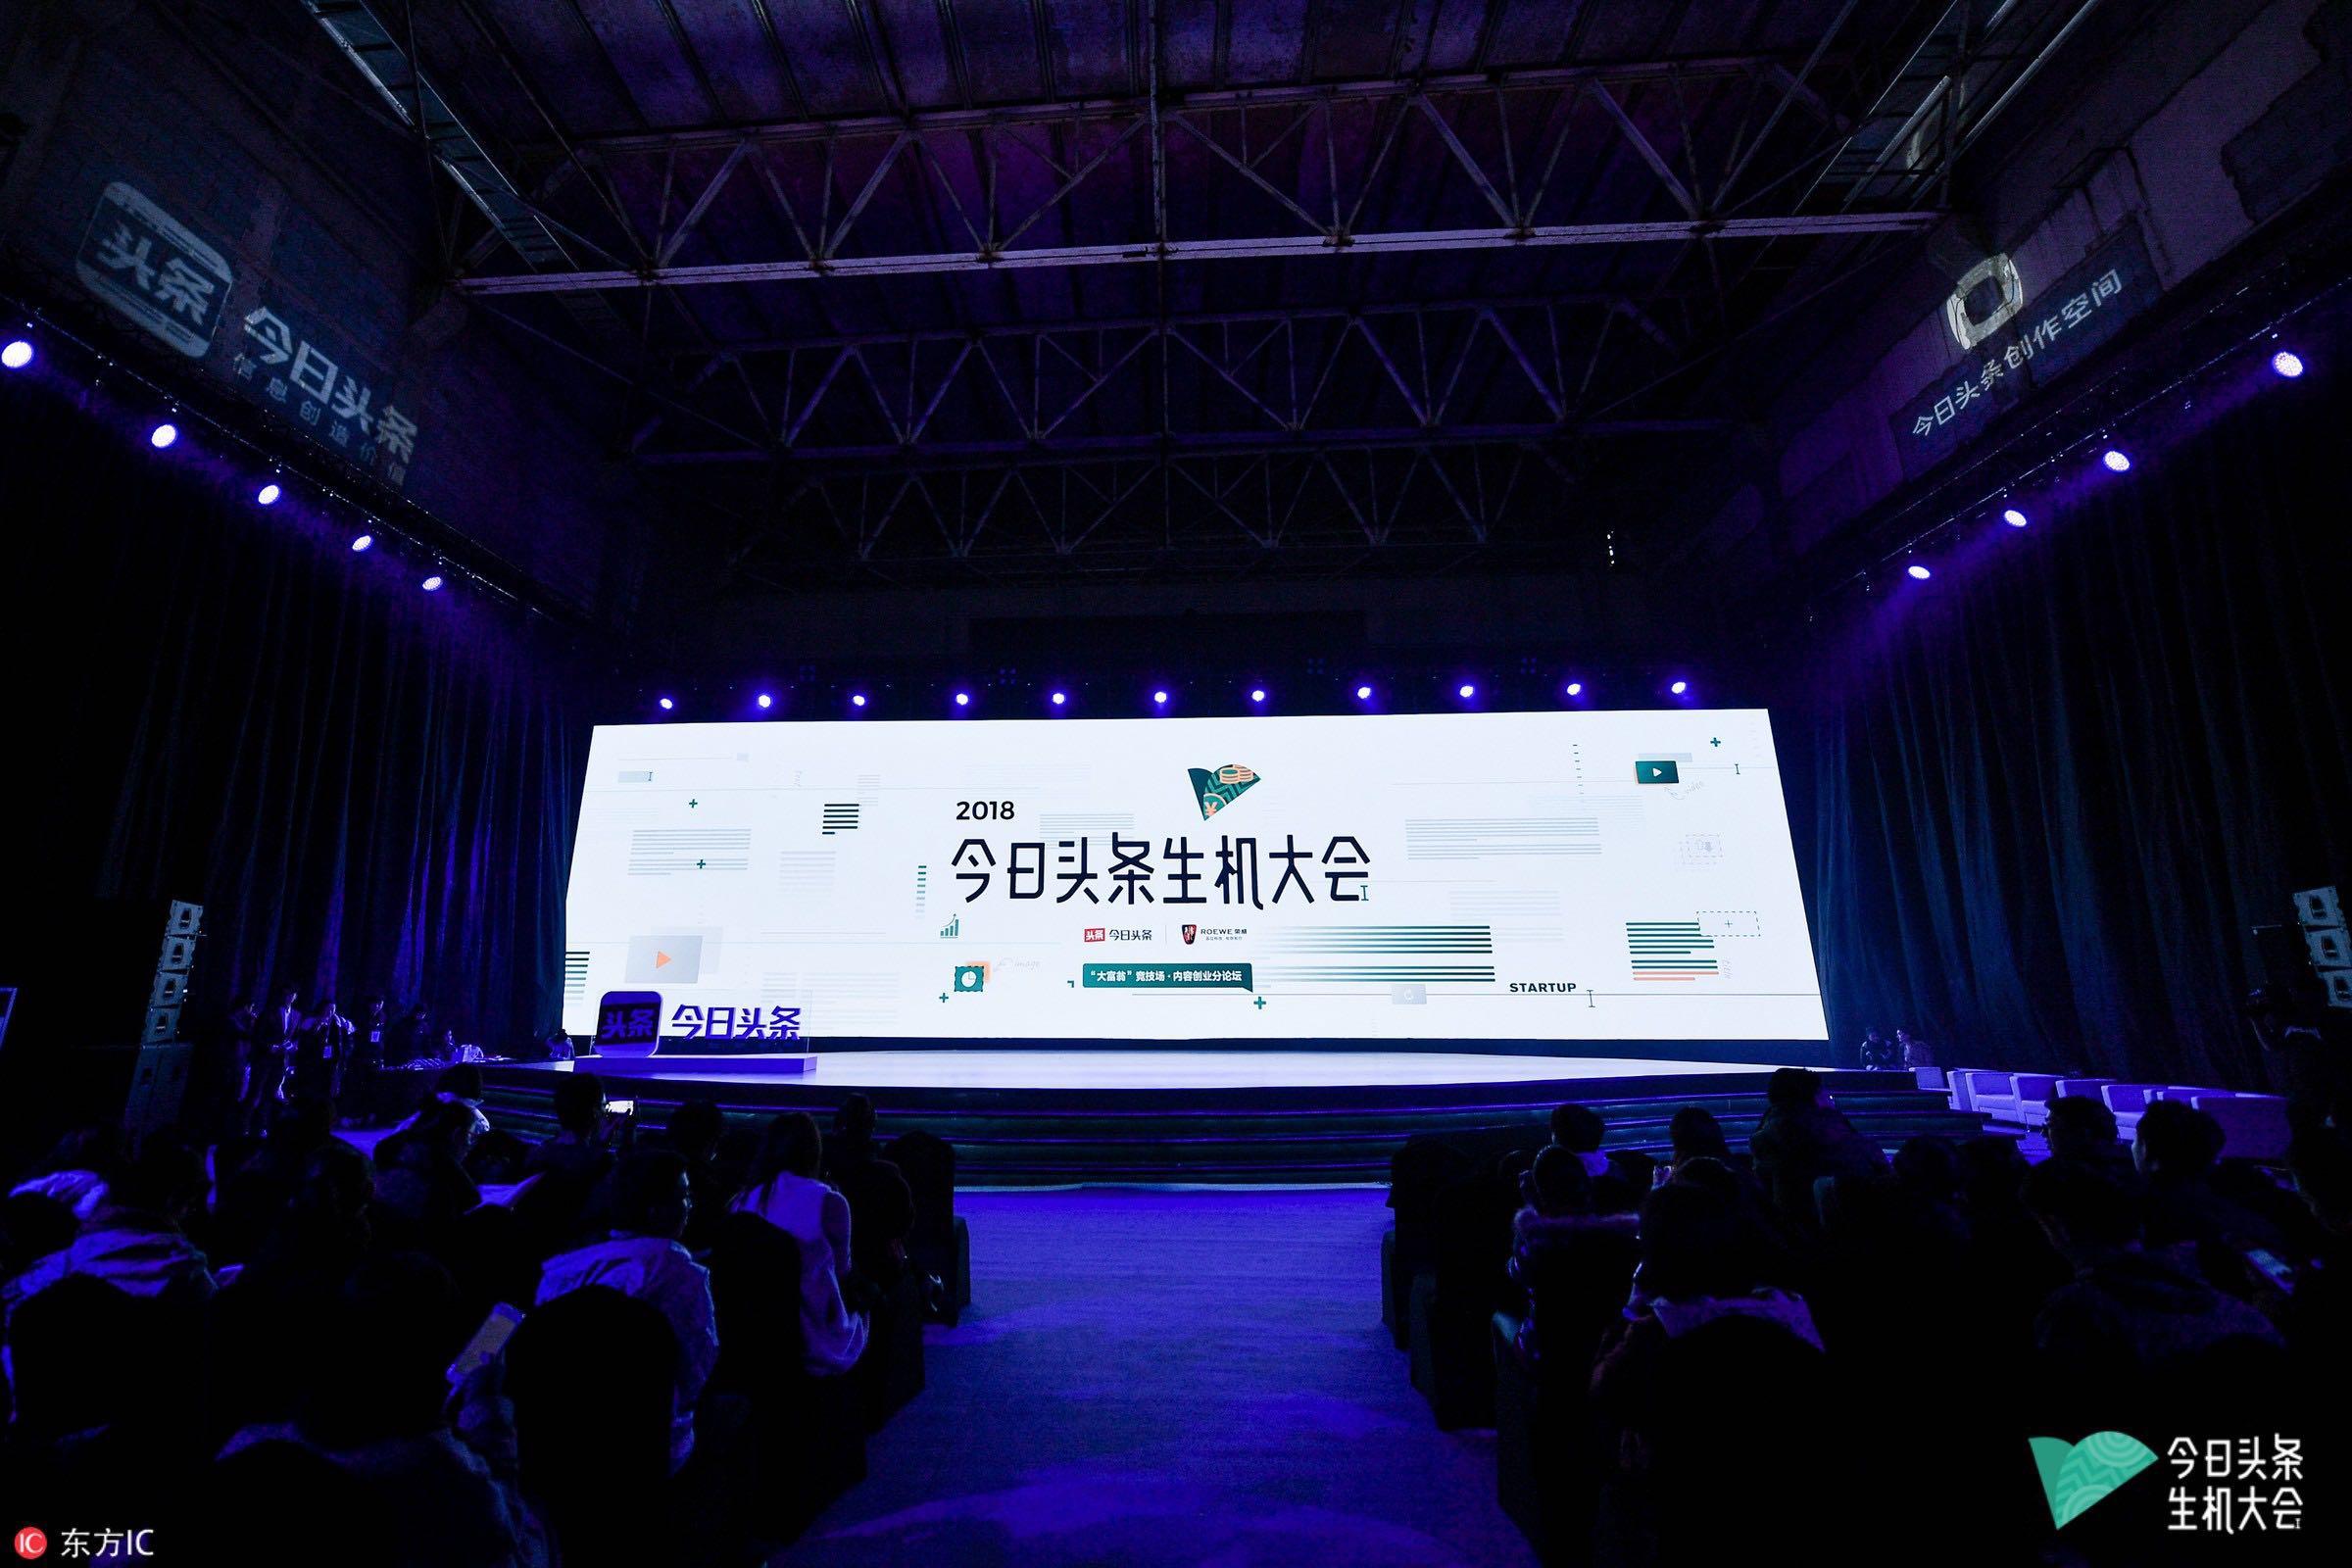 2018生机大会内容创业分论坛:生机是行业主旋律